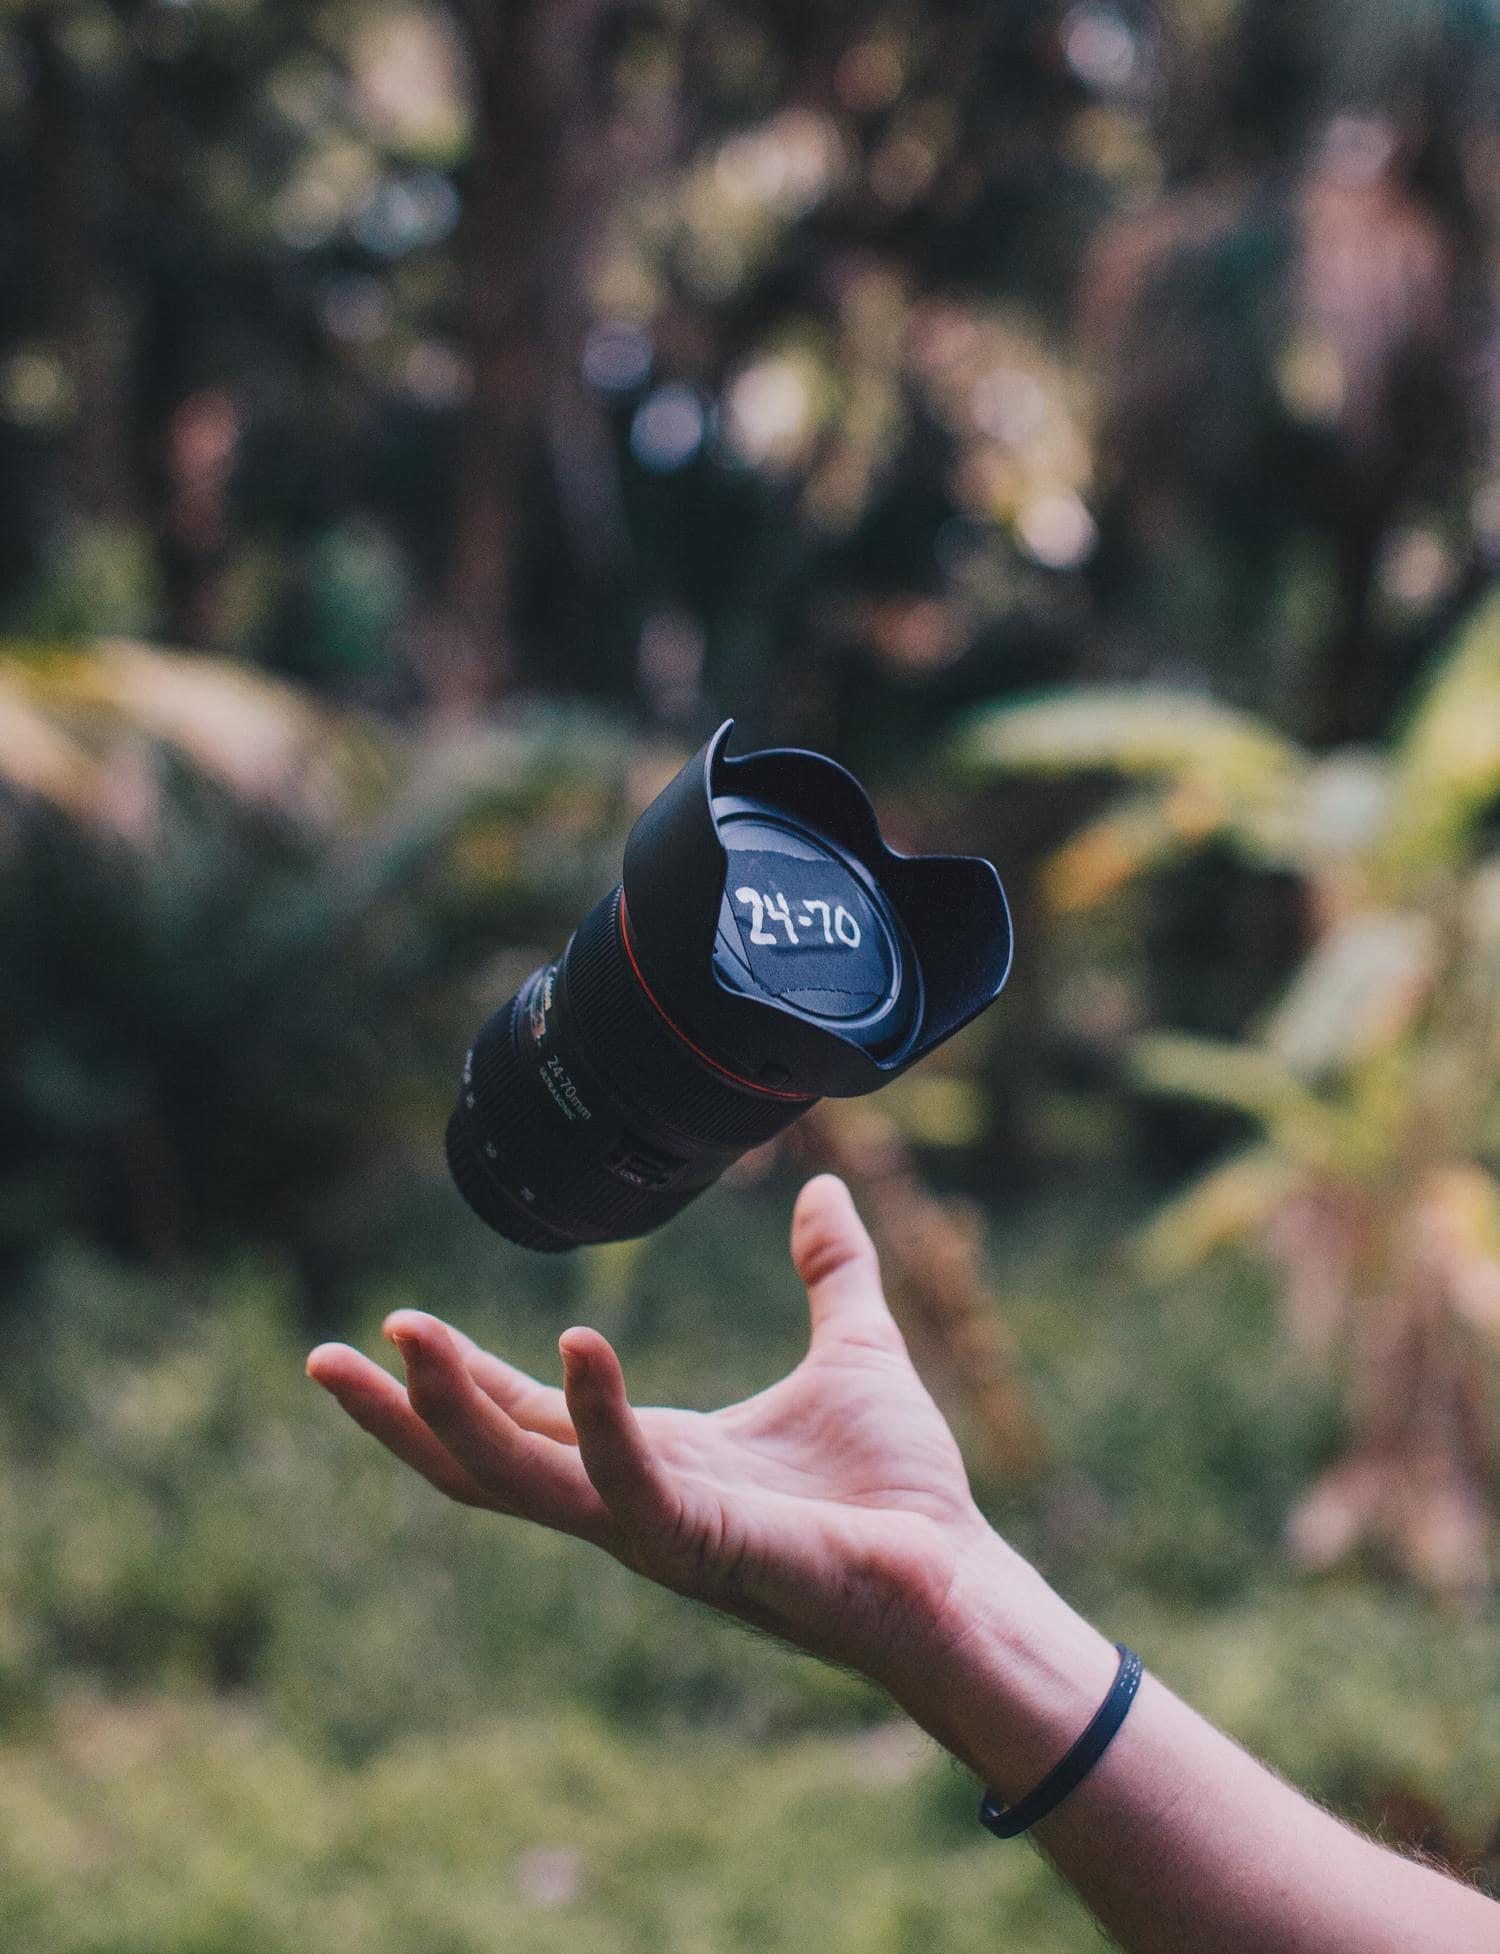 Objetivo de Canon lanzado al aire